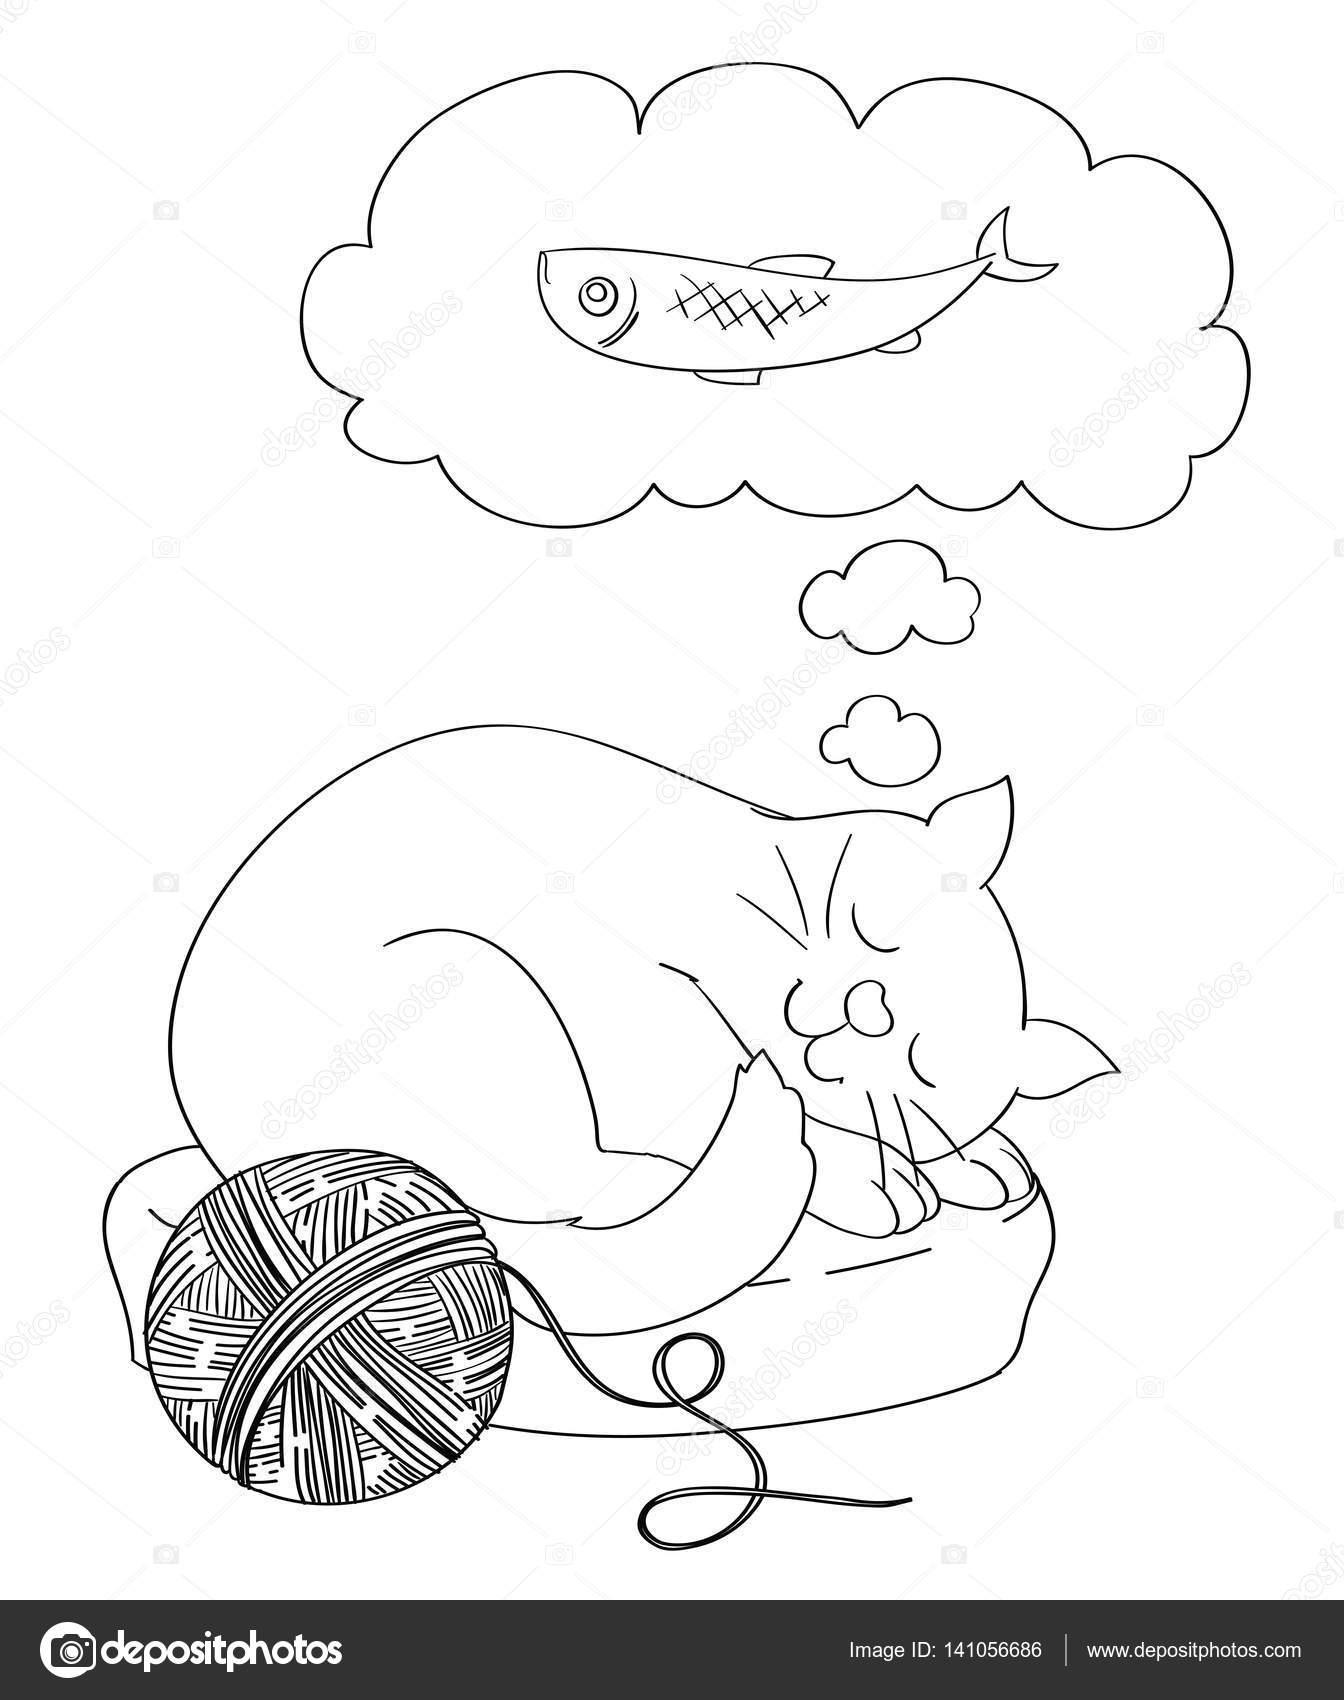 Dibujos animados lindo gato soñando con un pescado como alimento ...